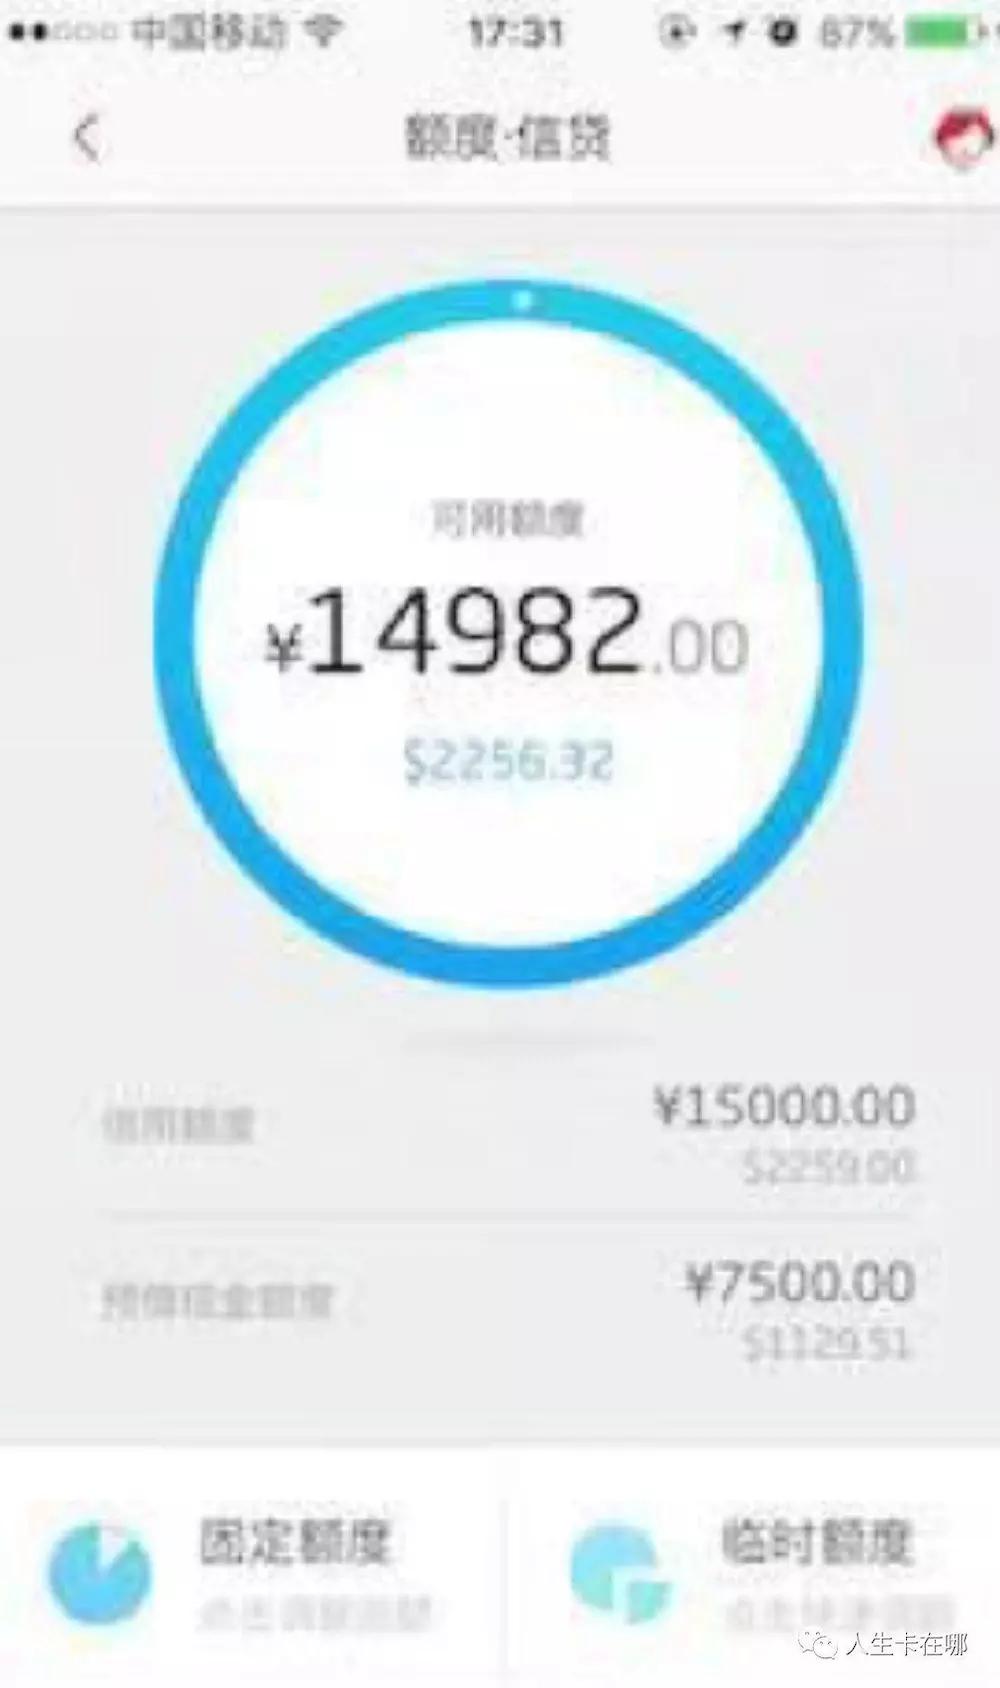 【招商】用现金分期提额,额度直上6万